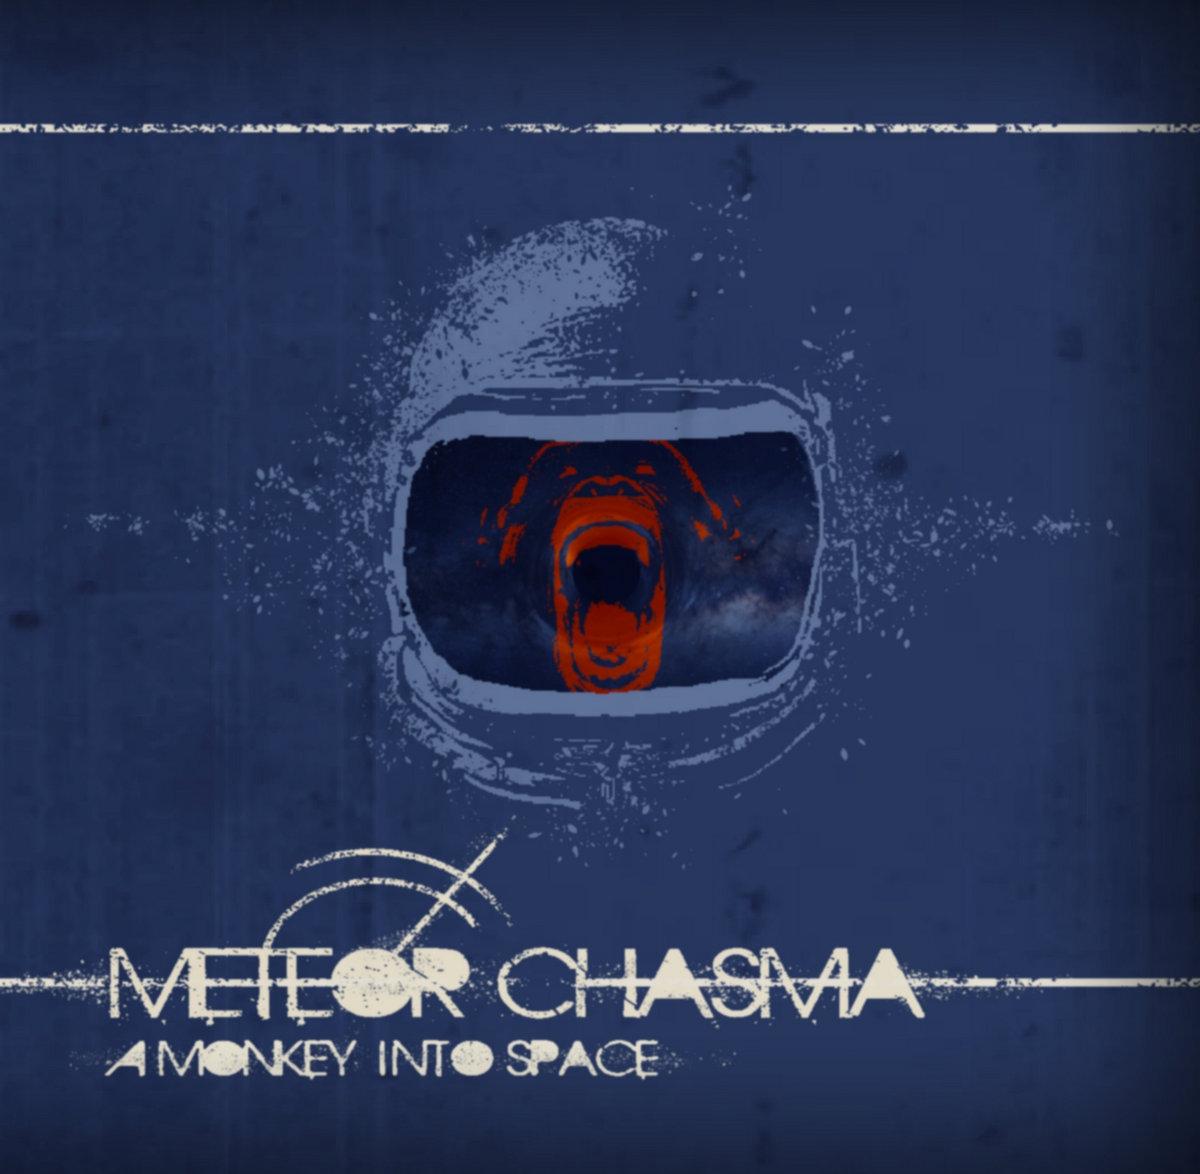 Risultati immagini per meteor chasma